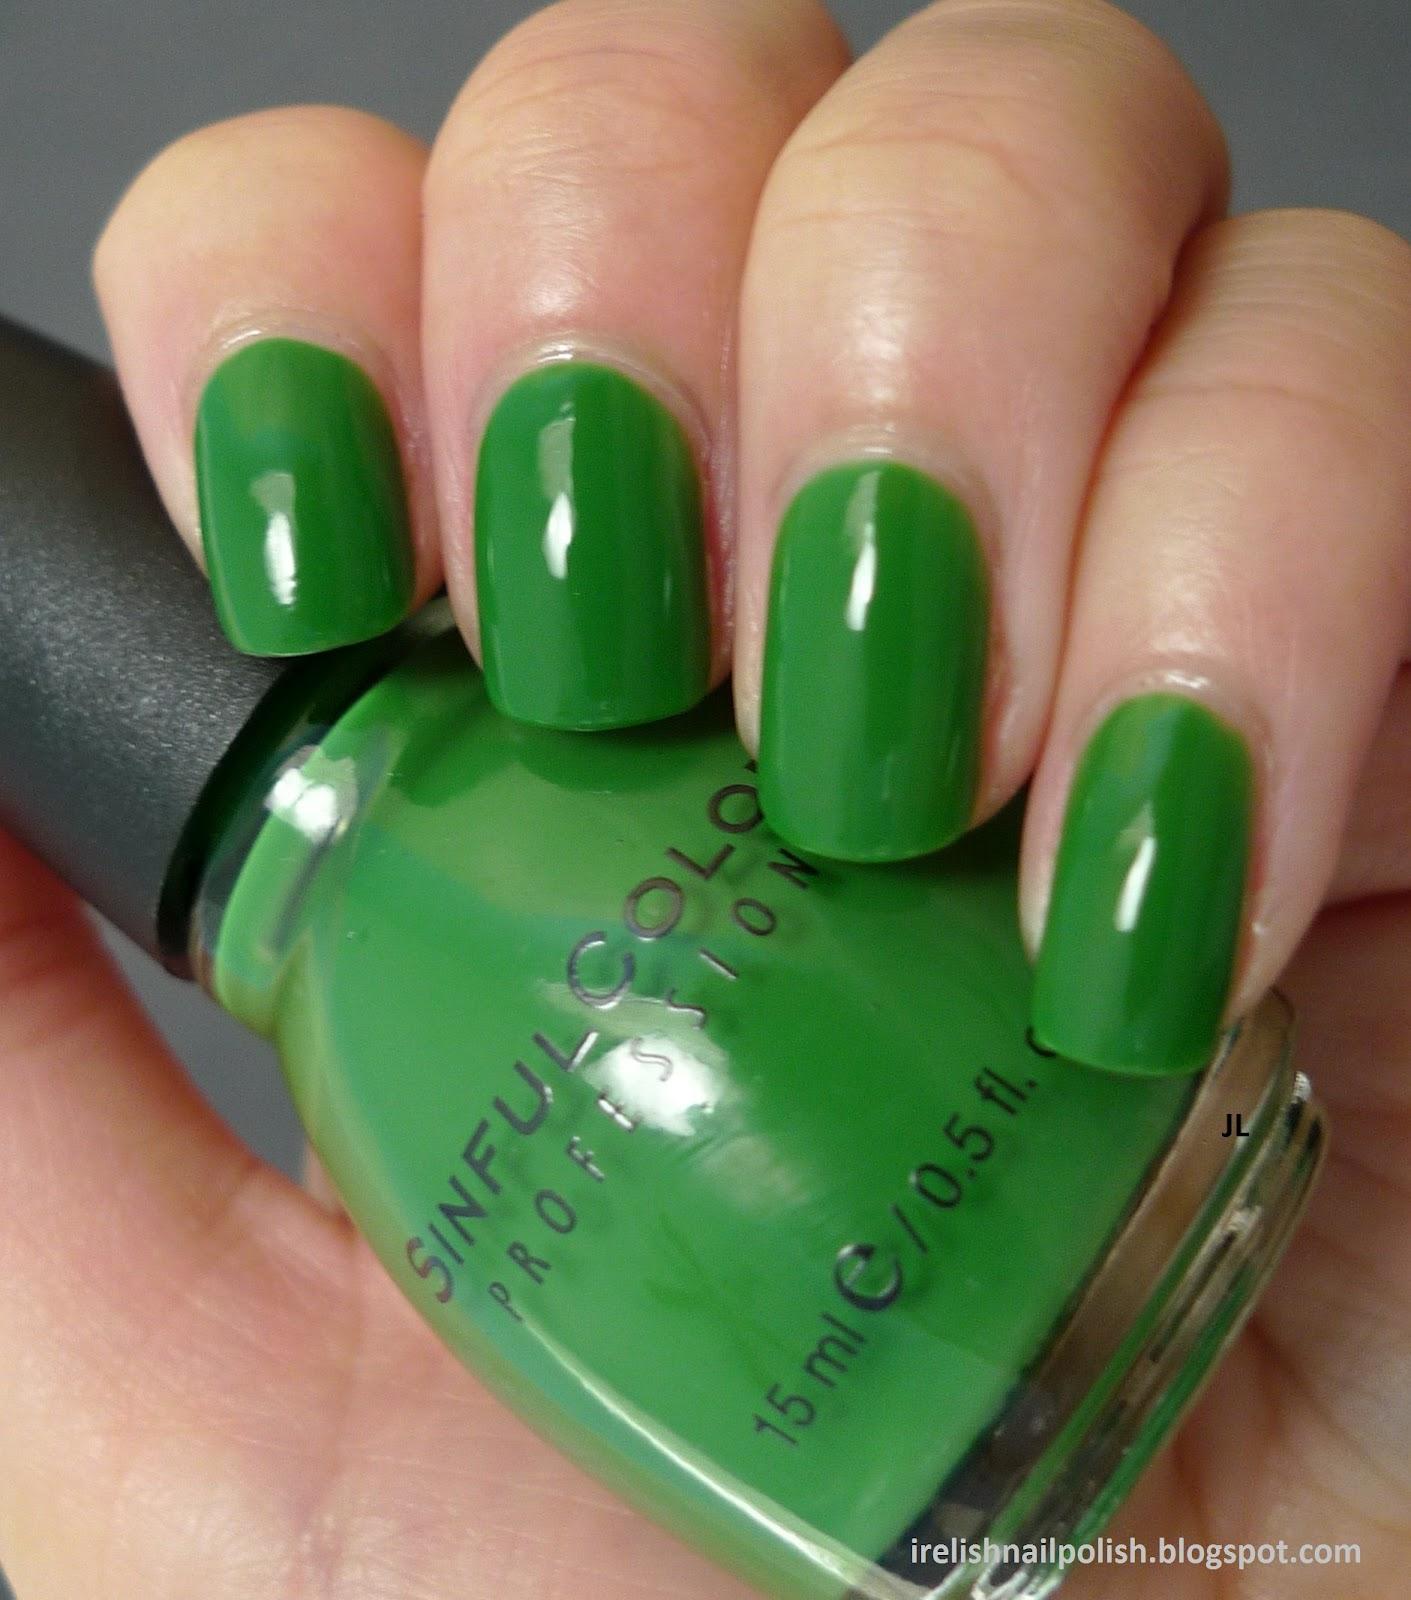 I Relish Nail Polish!: Sinful Colors - Exotic Green